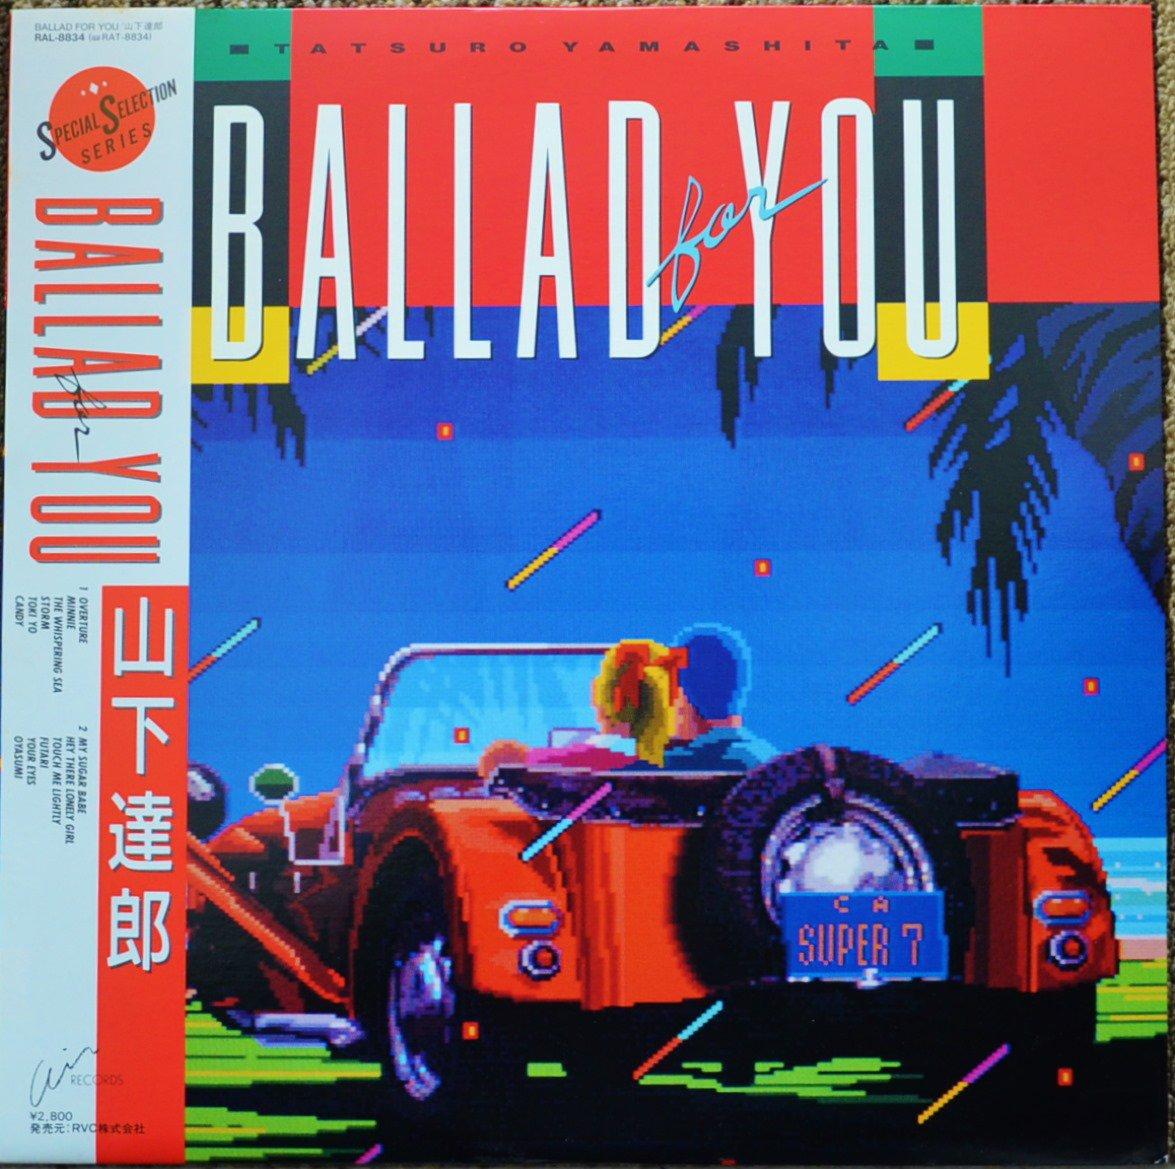 山下達郎 TATSURO YAMASHITA / BALLAD FOR YOU (LP)